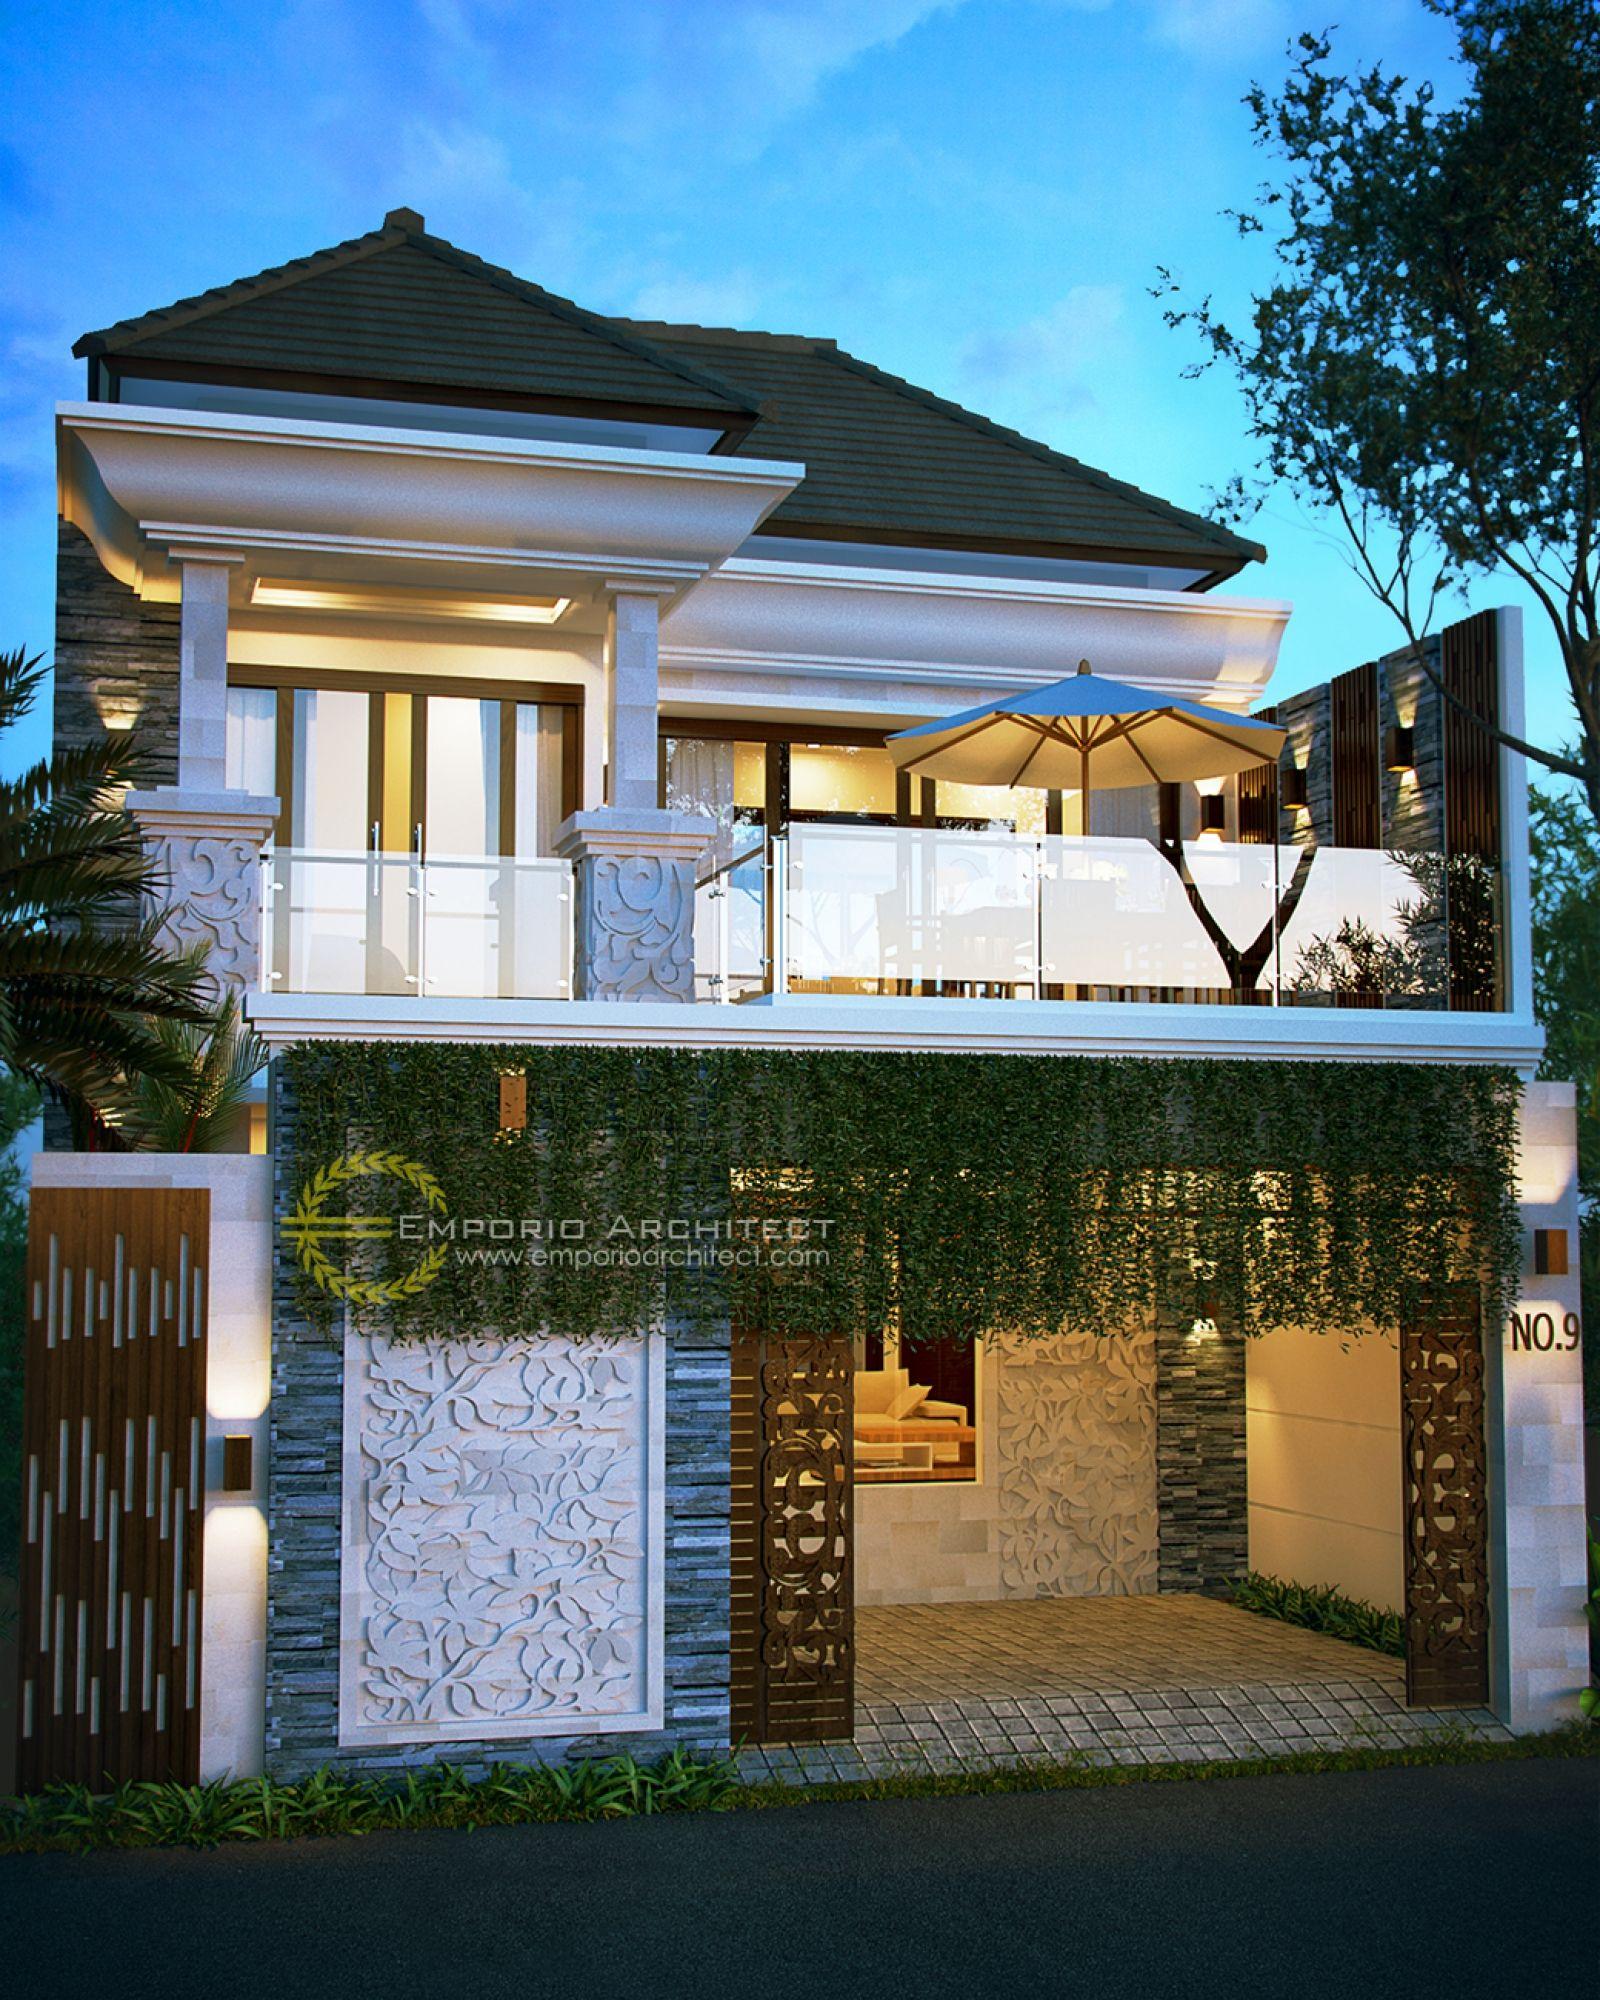 Desain rumah bapak muntas di denpasar bali desainrumah jasaarsitek arsitek